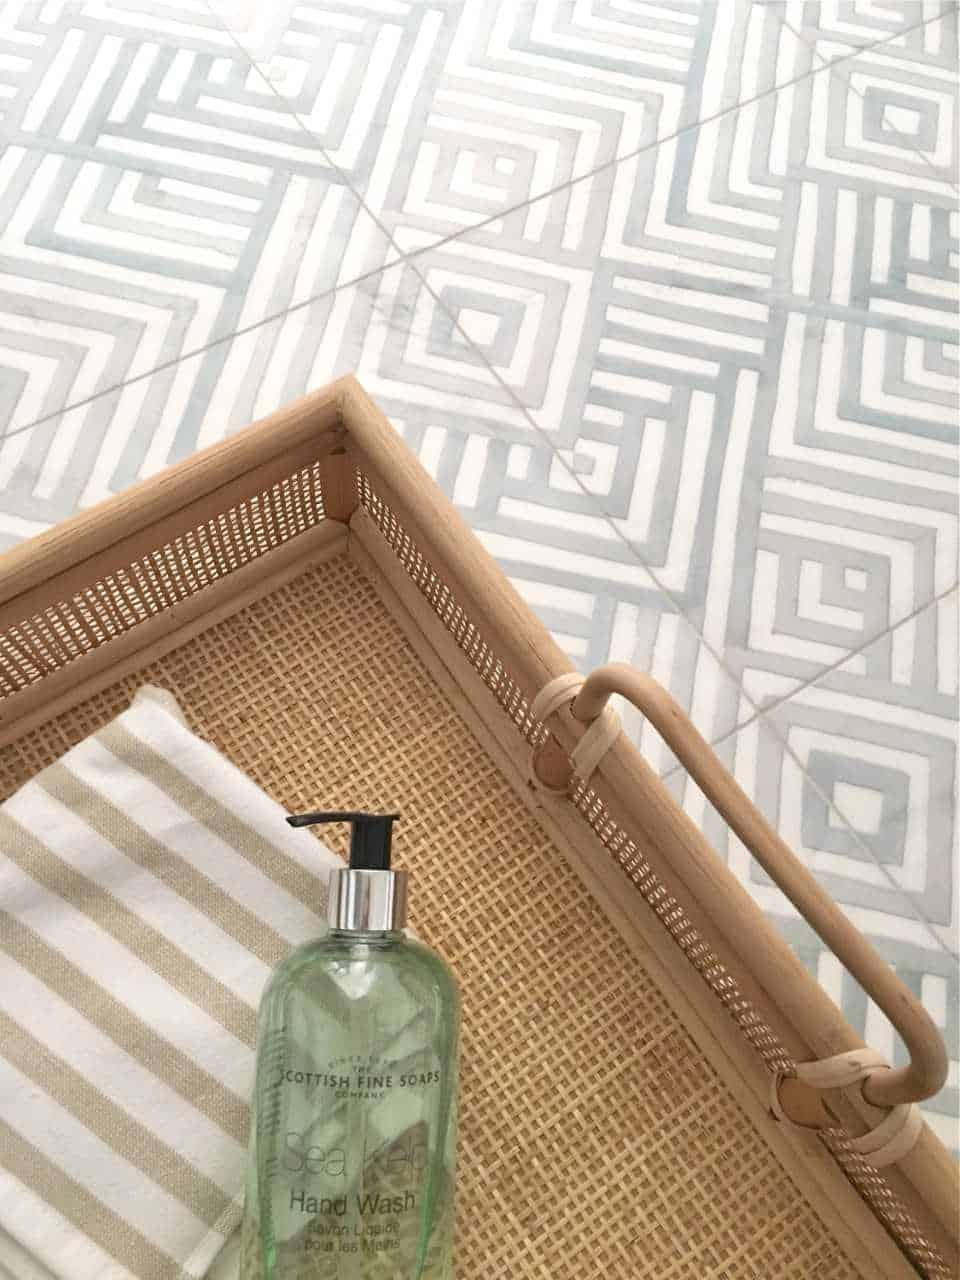 Design loves detail Waterways Blue Floor Install Shot